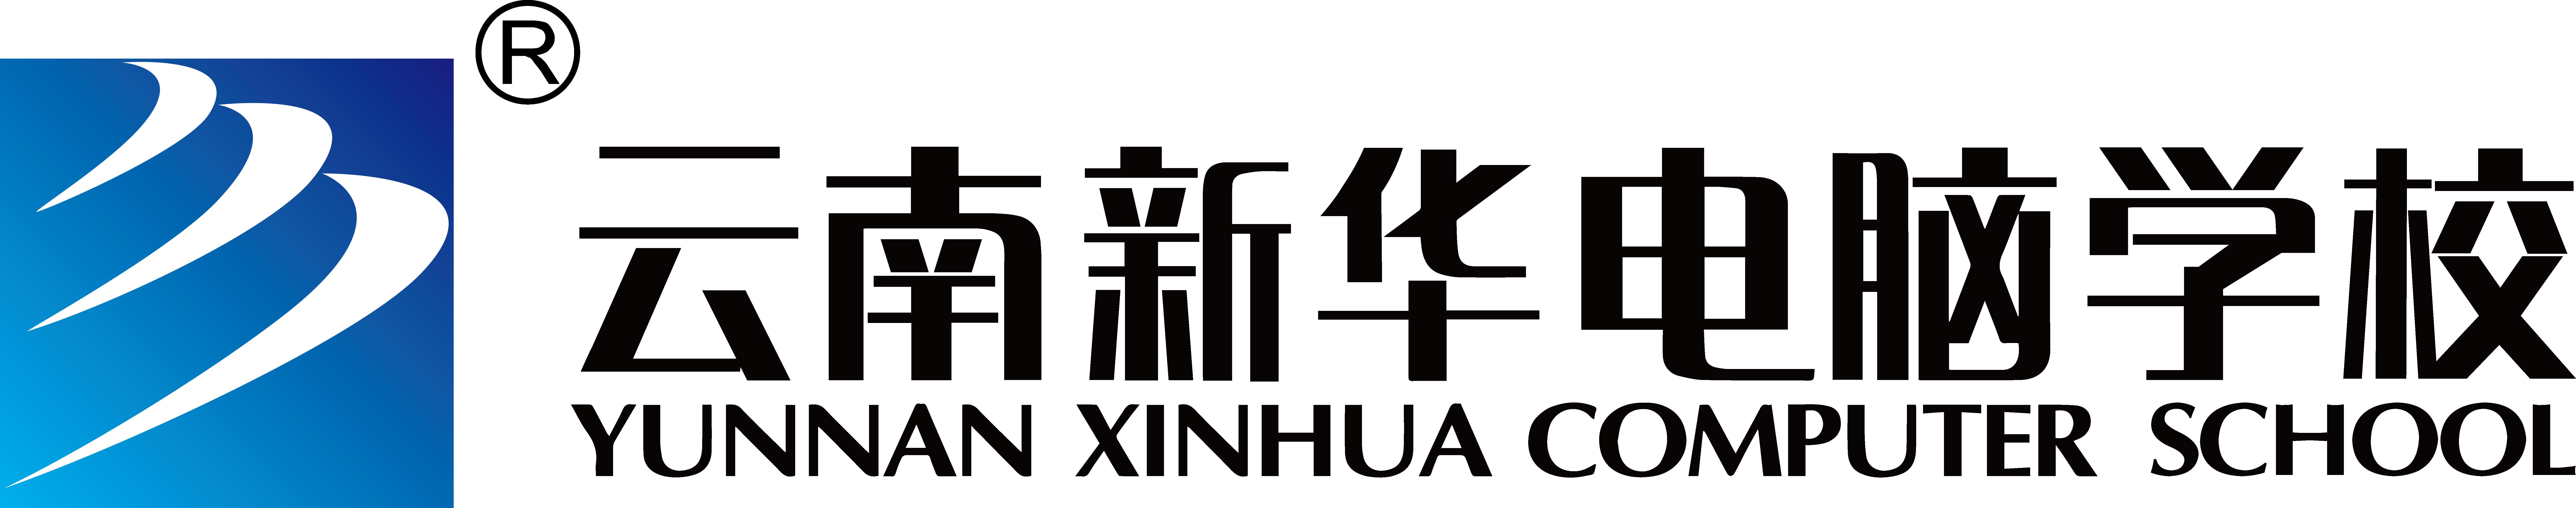 云南必威官网亚洲体育电脑学校是必威官网亚洲体育教育旗下的电脑学校,计算机中等专业学校,是云南省部级重点学校、职业技术学校。